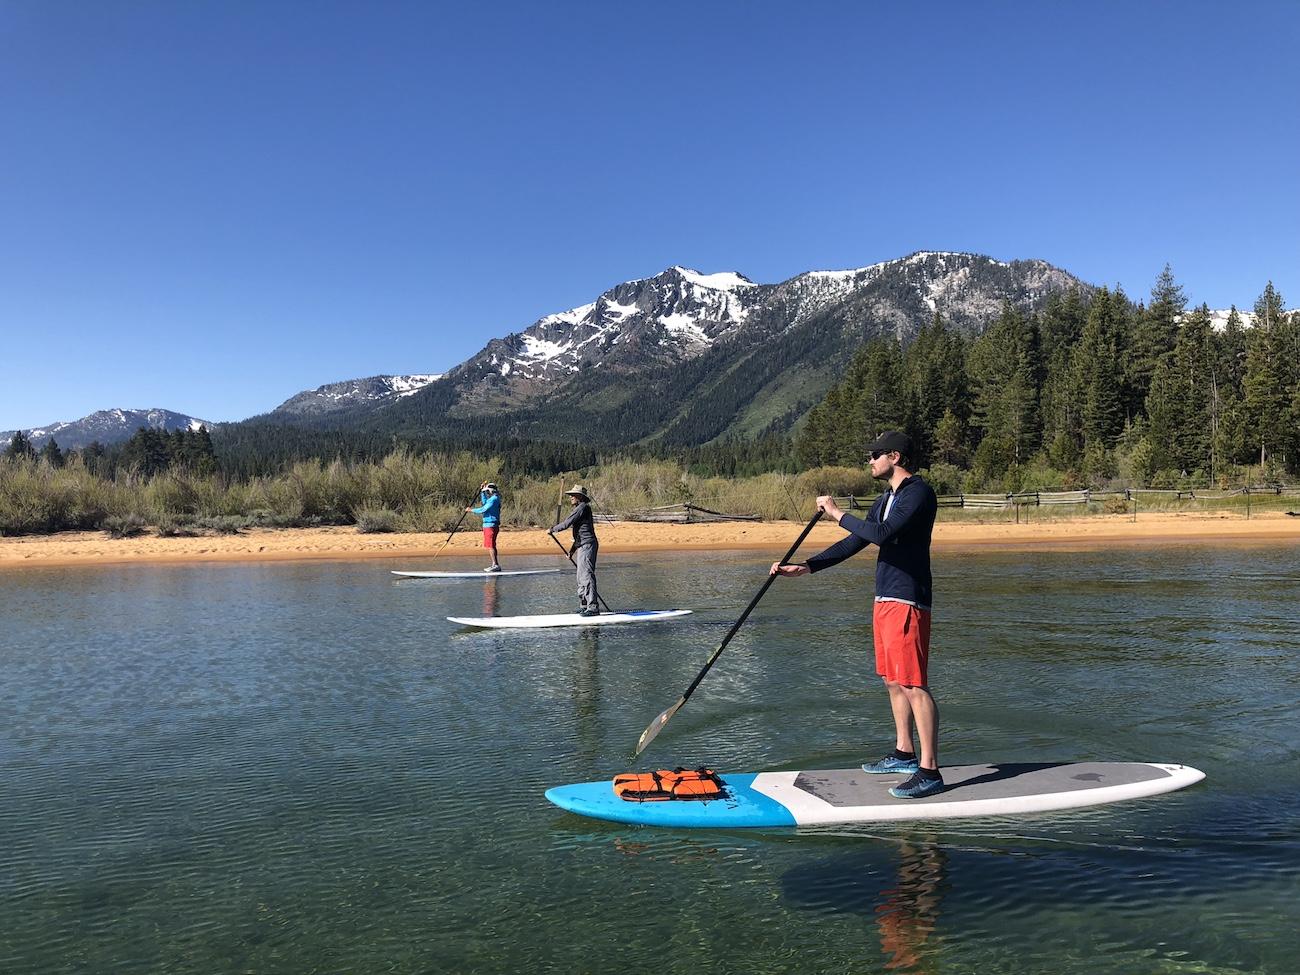 Paddle boarders on Lake Tahoe.